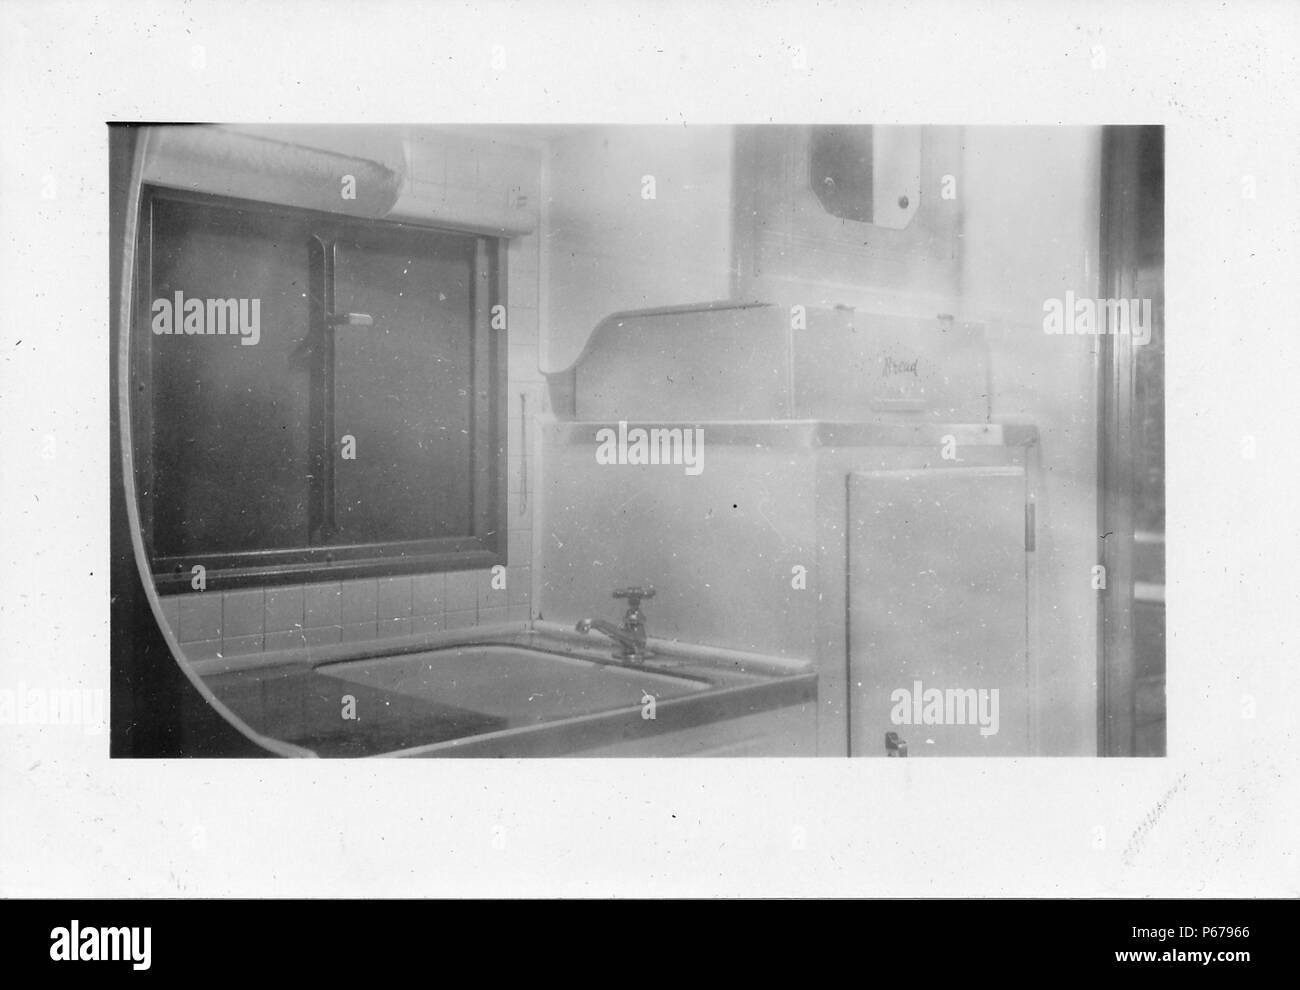 Schwarz-weiß Foto, zeigt eine kleine, teilweise gefliest Kochnische im engen Innenraum eines Mid-century Wohnwagen oder Anhänger zu Hause, mit einem Waschbecken, Kühlschrank, und Fenster, wahrscheinlich in Ohio in den zehn Jahren fotografierte nach dem Zweiten Weltkrieg, 1950. () Stockbild